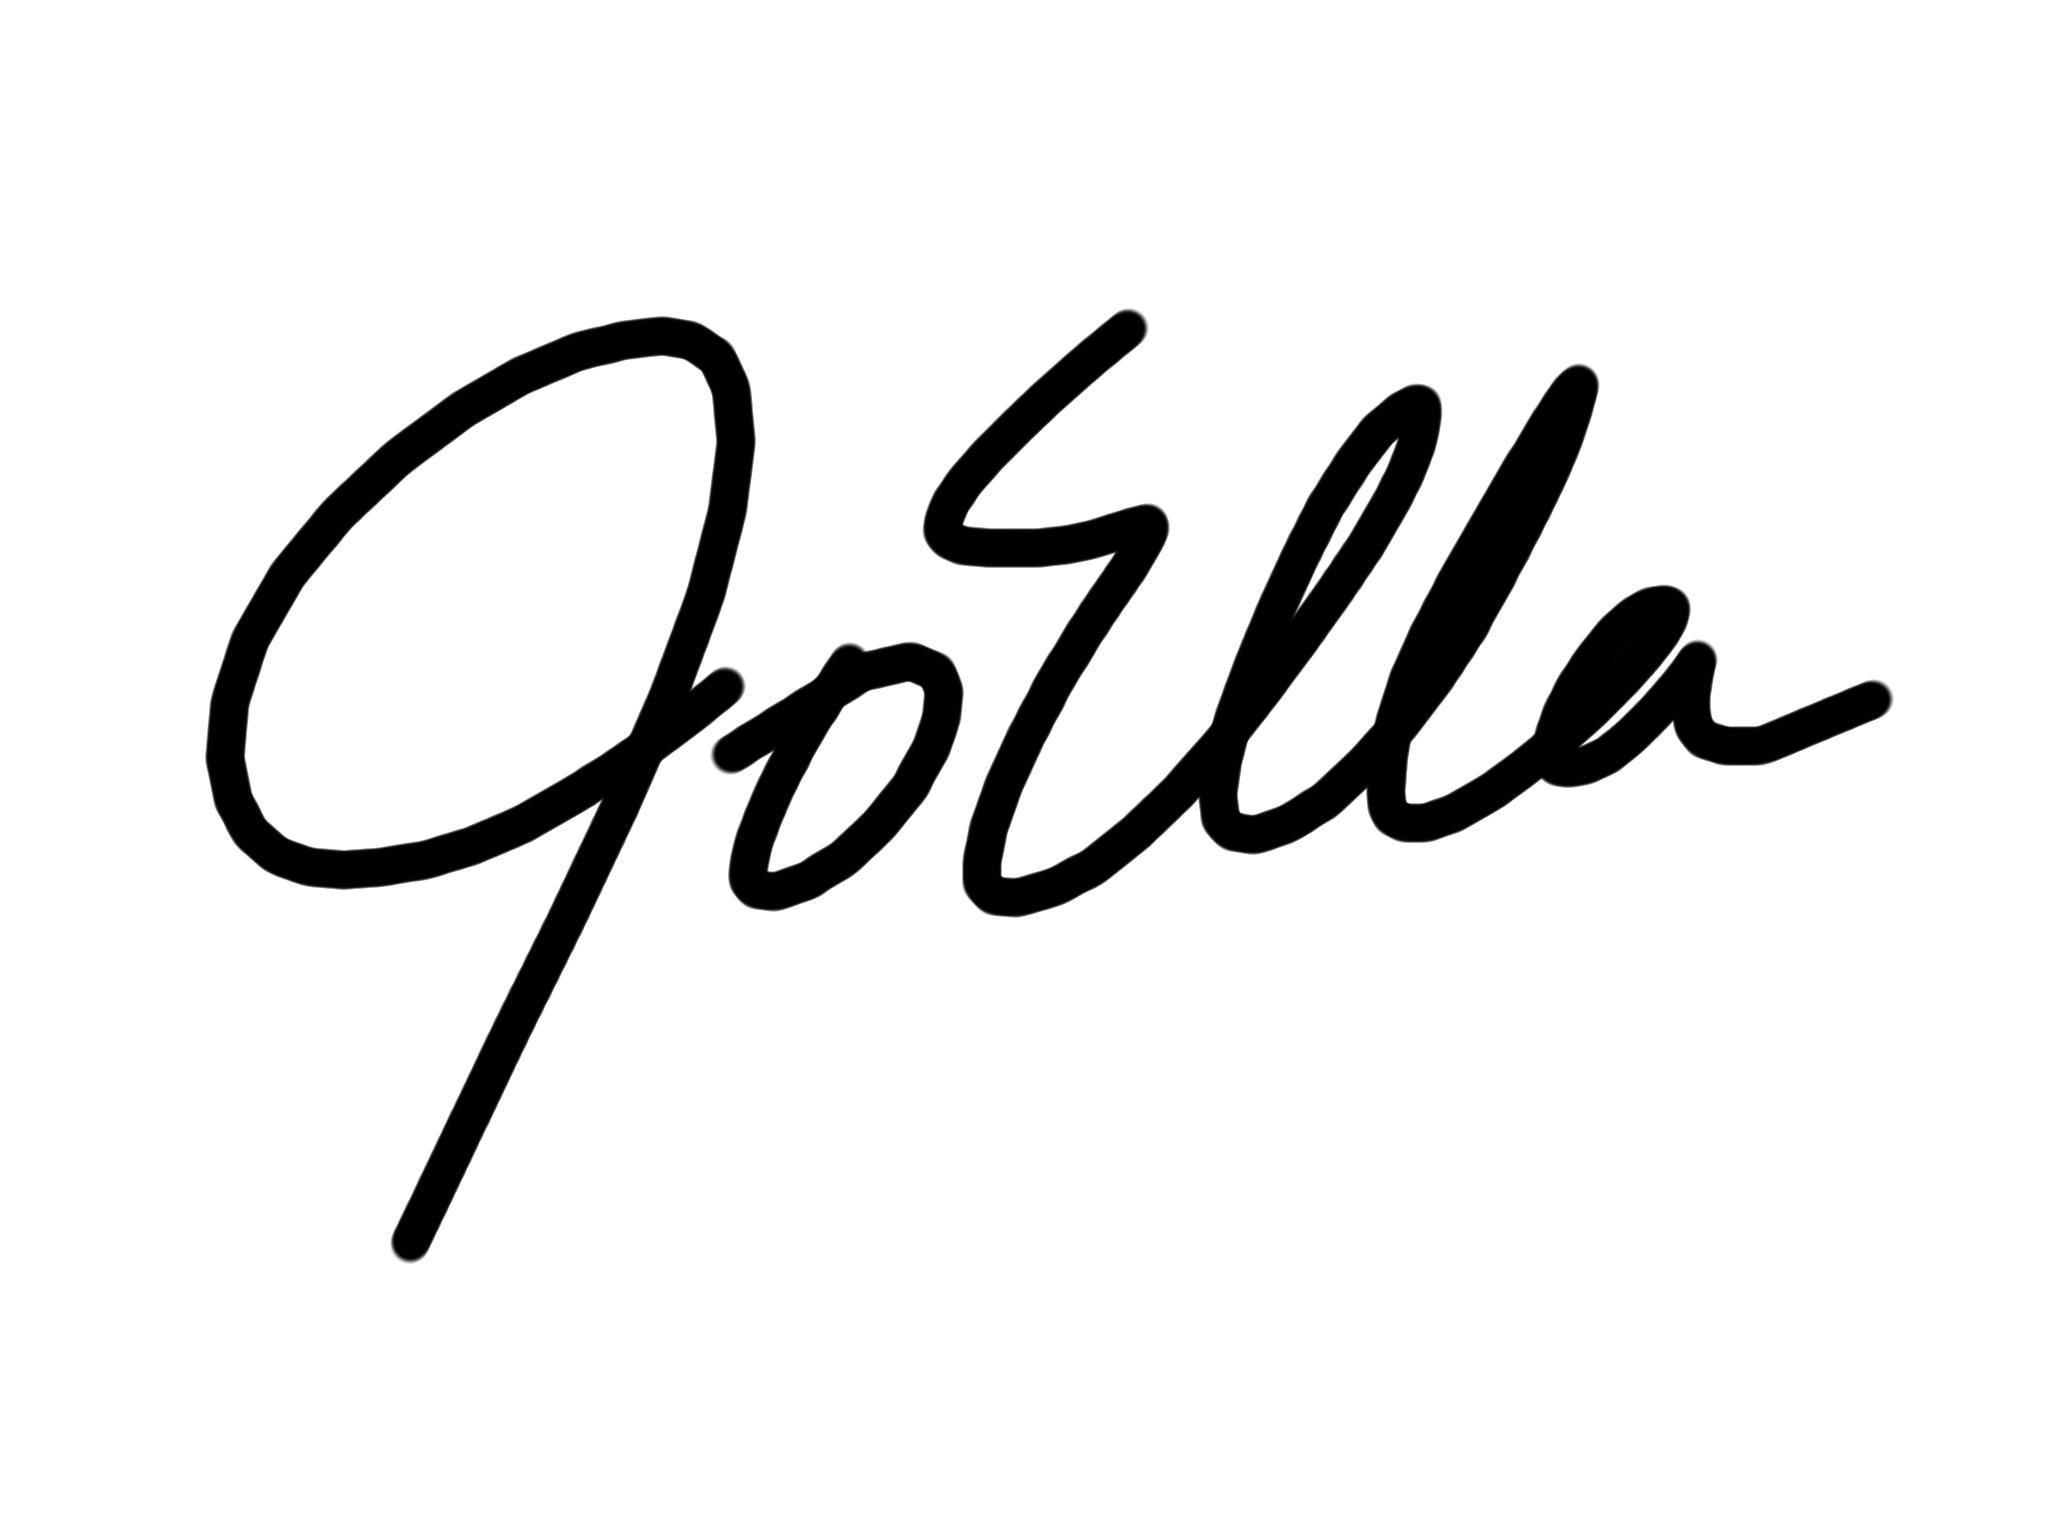 JoElla Mendez Signature